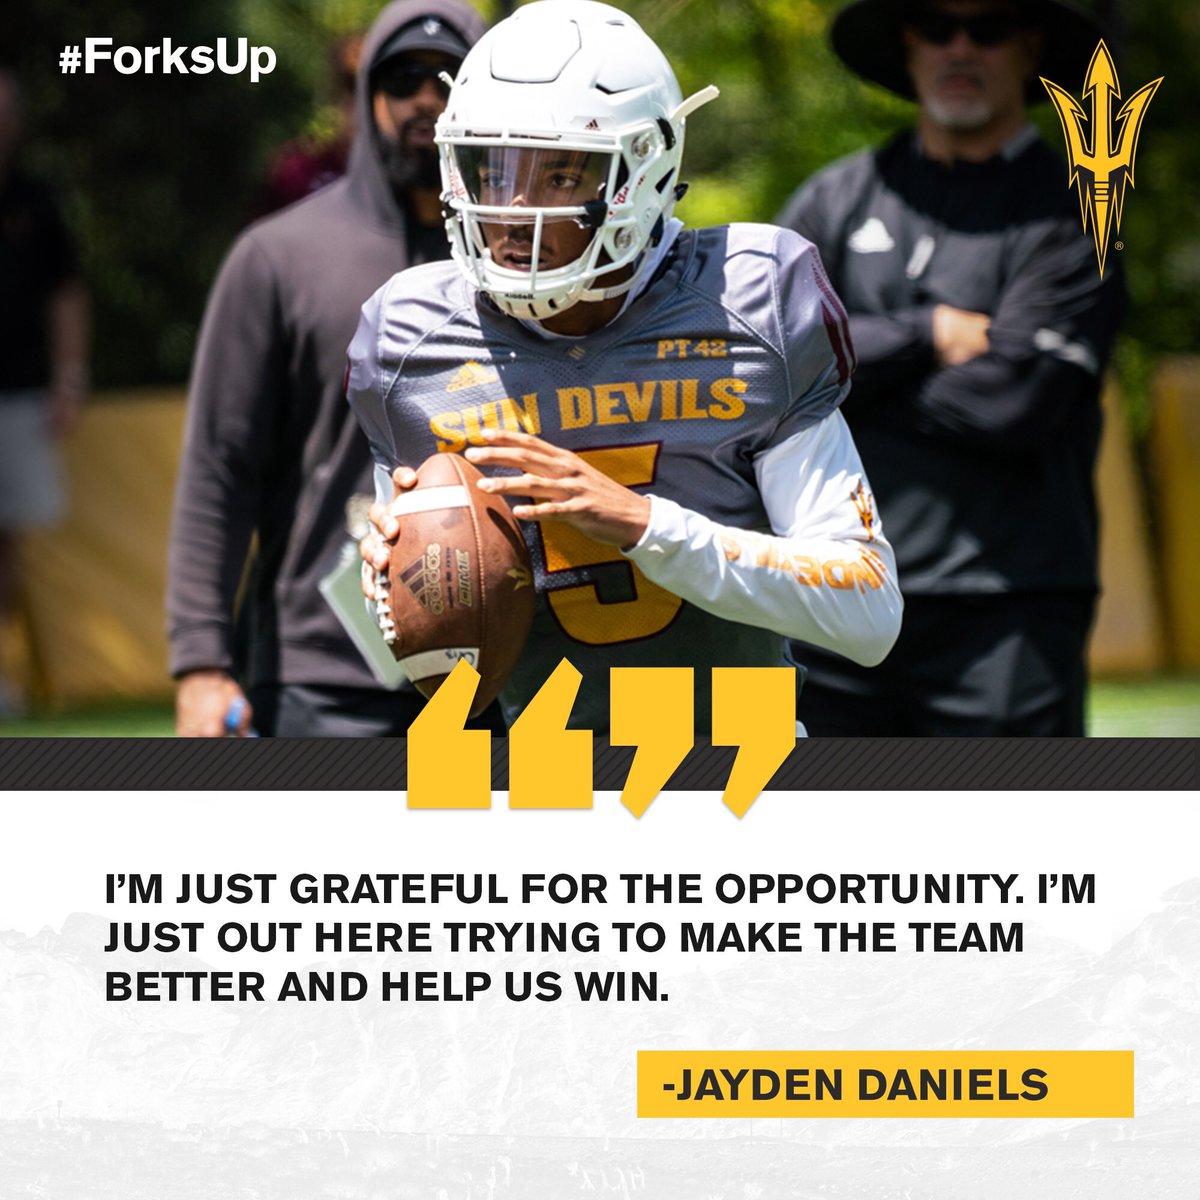 Jayden Daniels